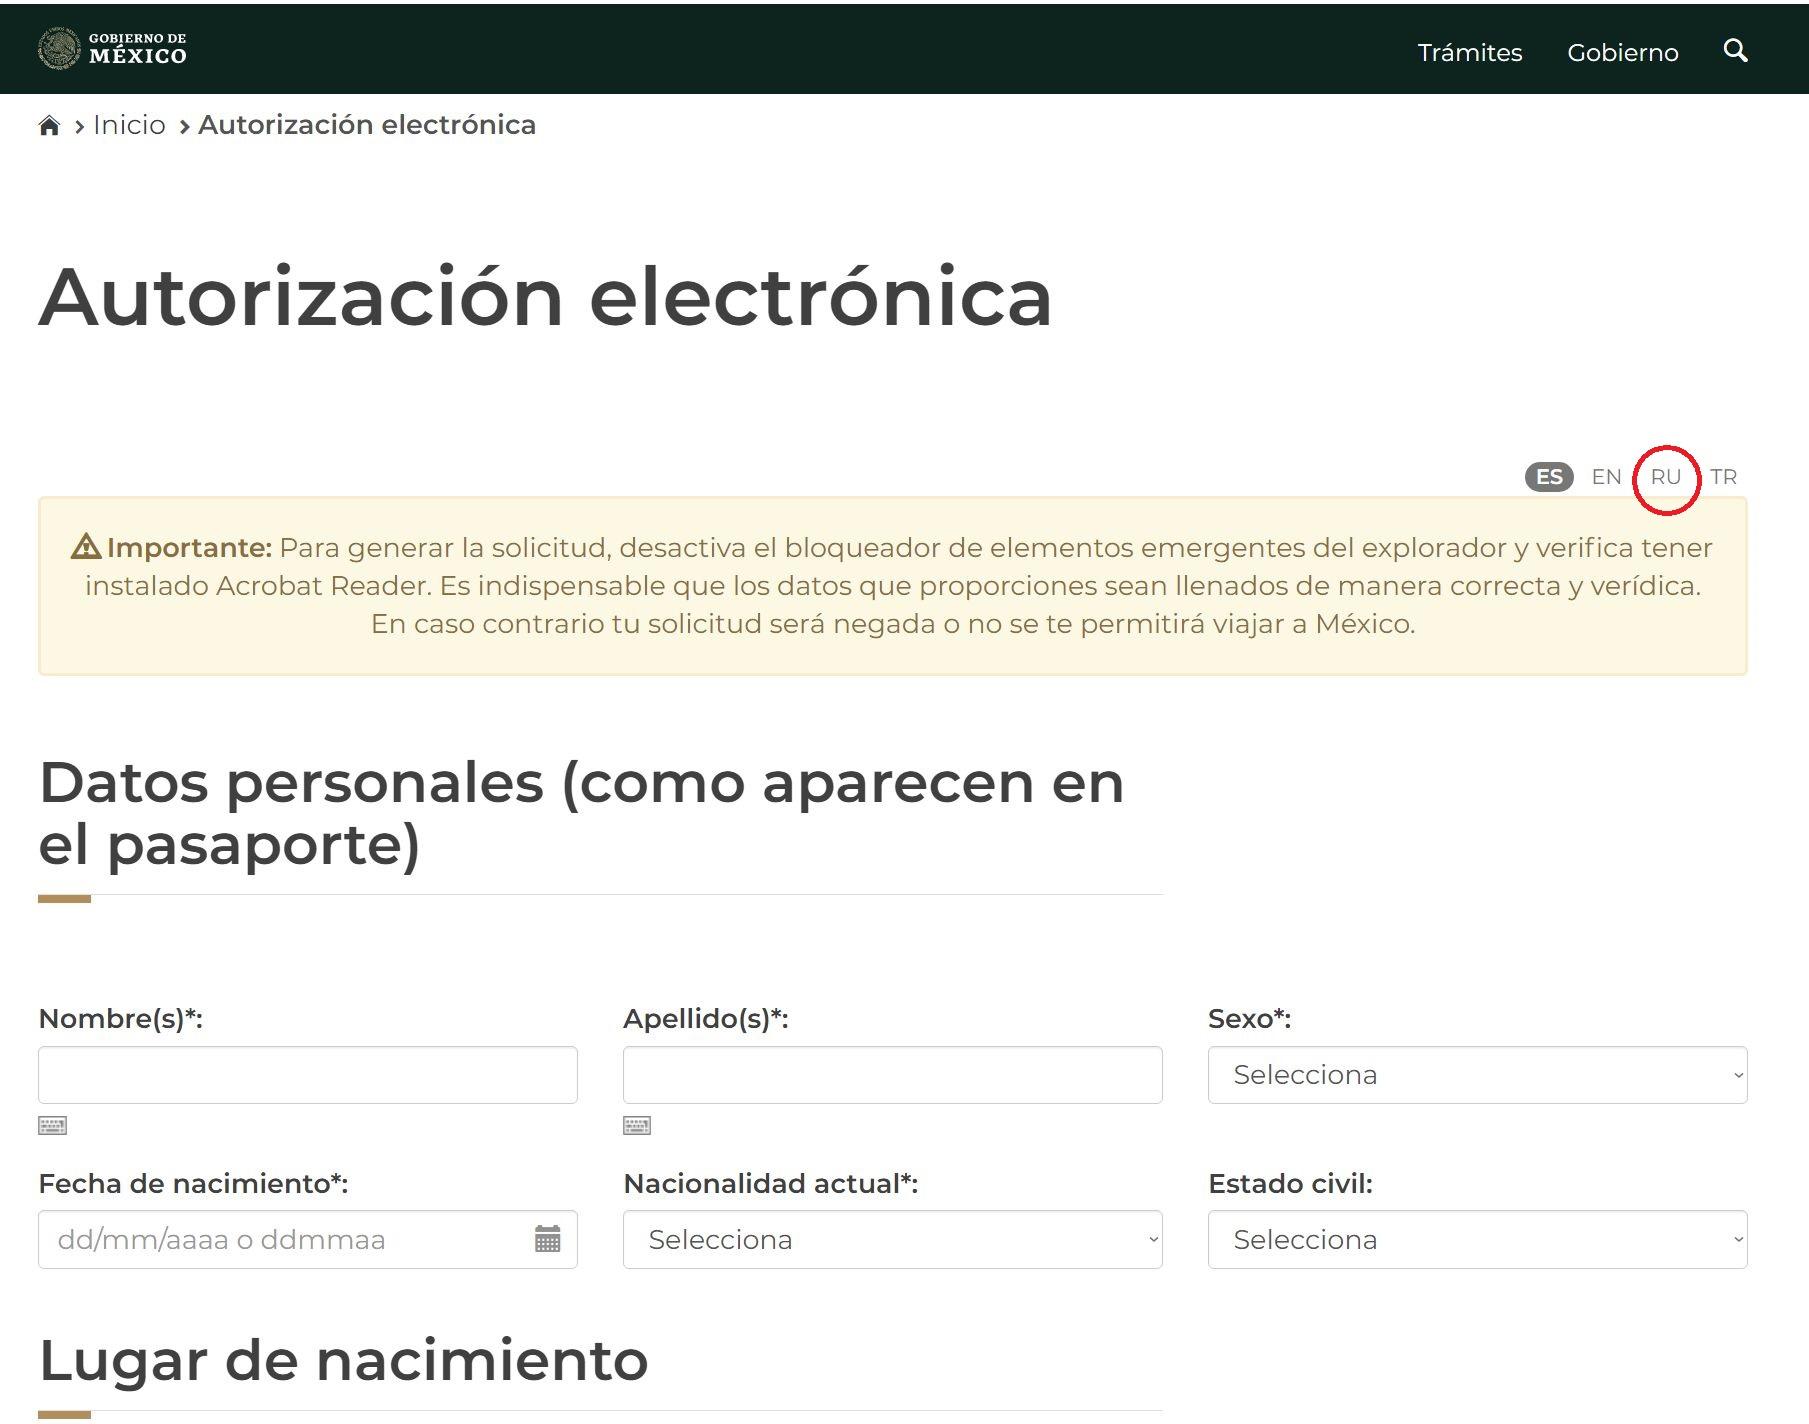 электронная форма в Мексику